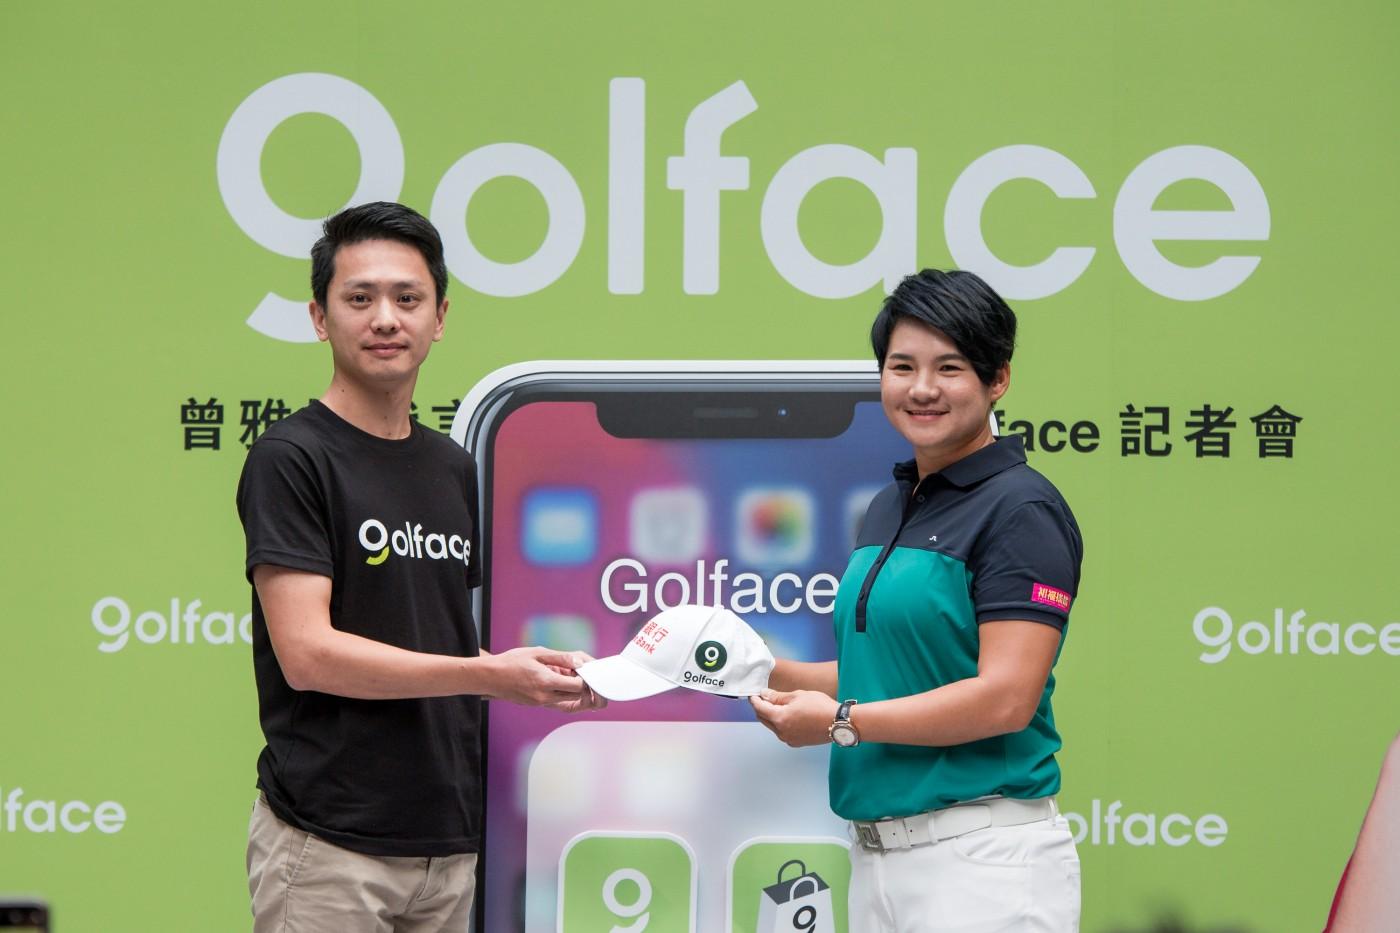 台灣新創 Golface 邀請高球天后曾雅妮代言 與日本西鐵集團加深合作布局亞洲市場